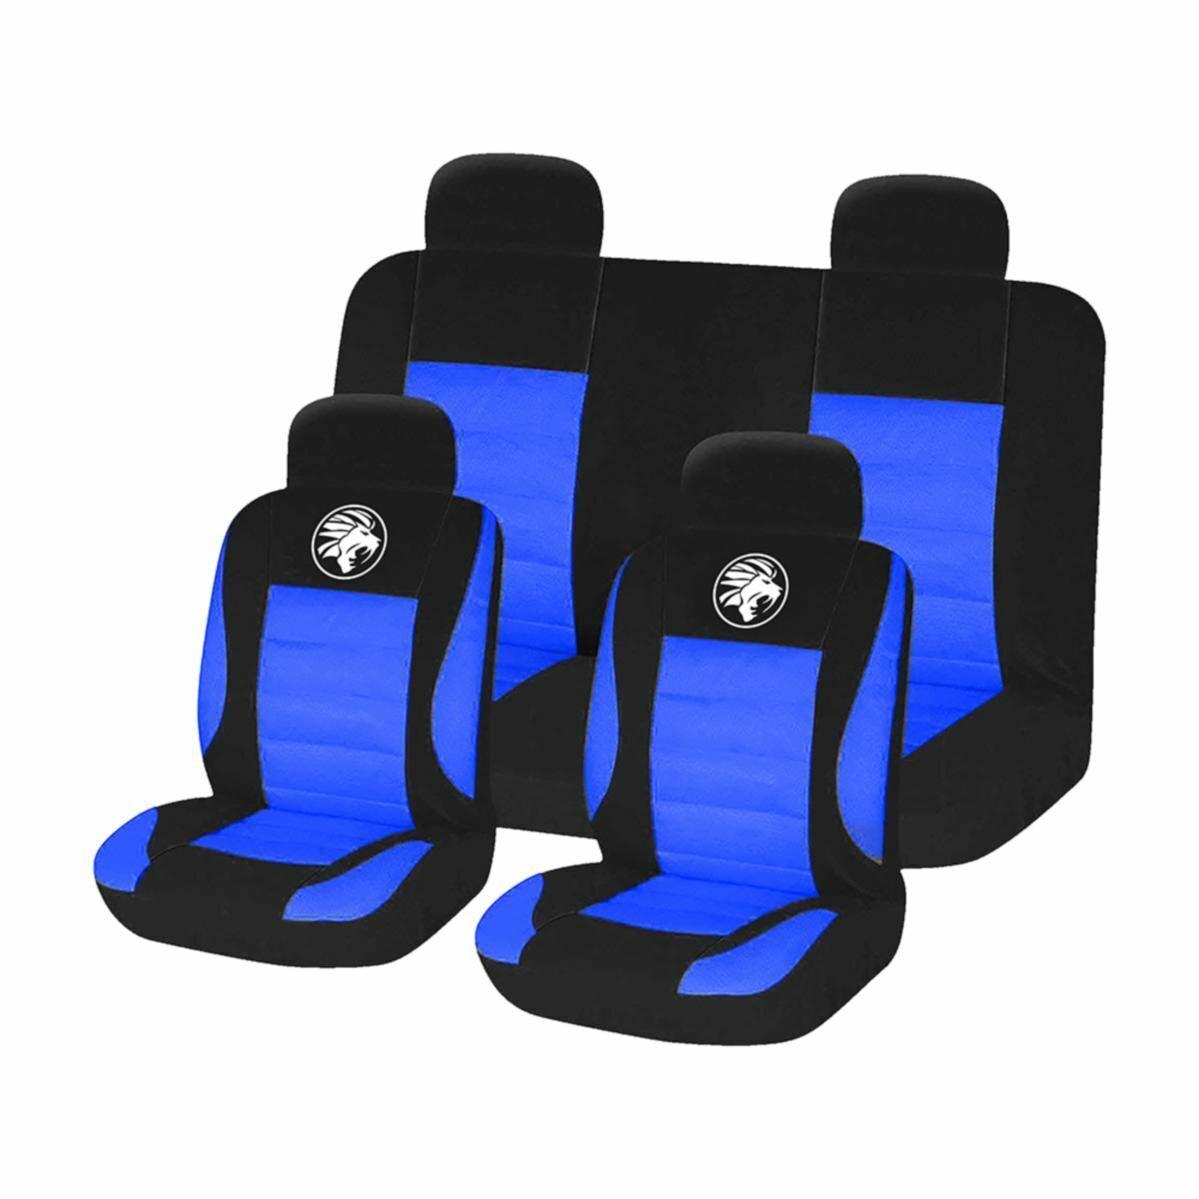 CAR SEAT COVER SET BLACK BLUE 8 PIECES UNIVERSAL FIT